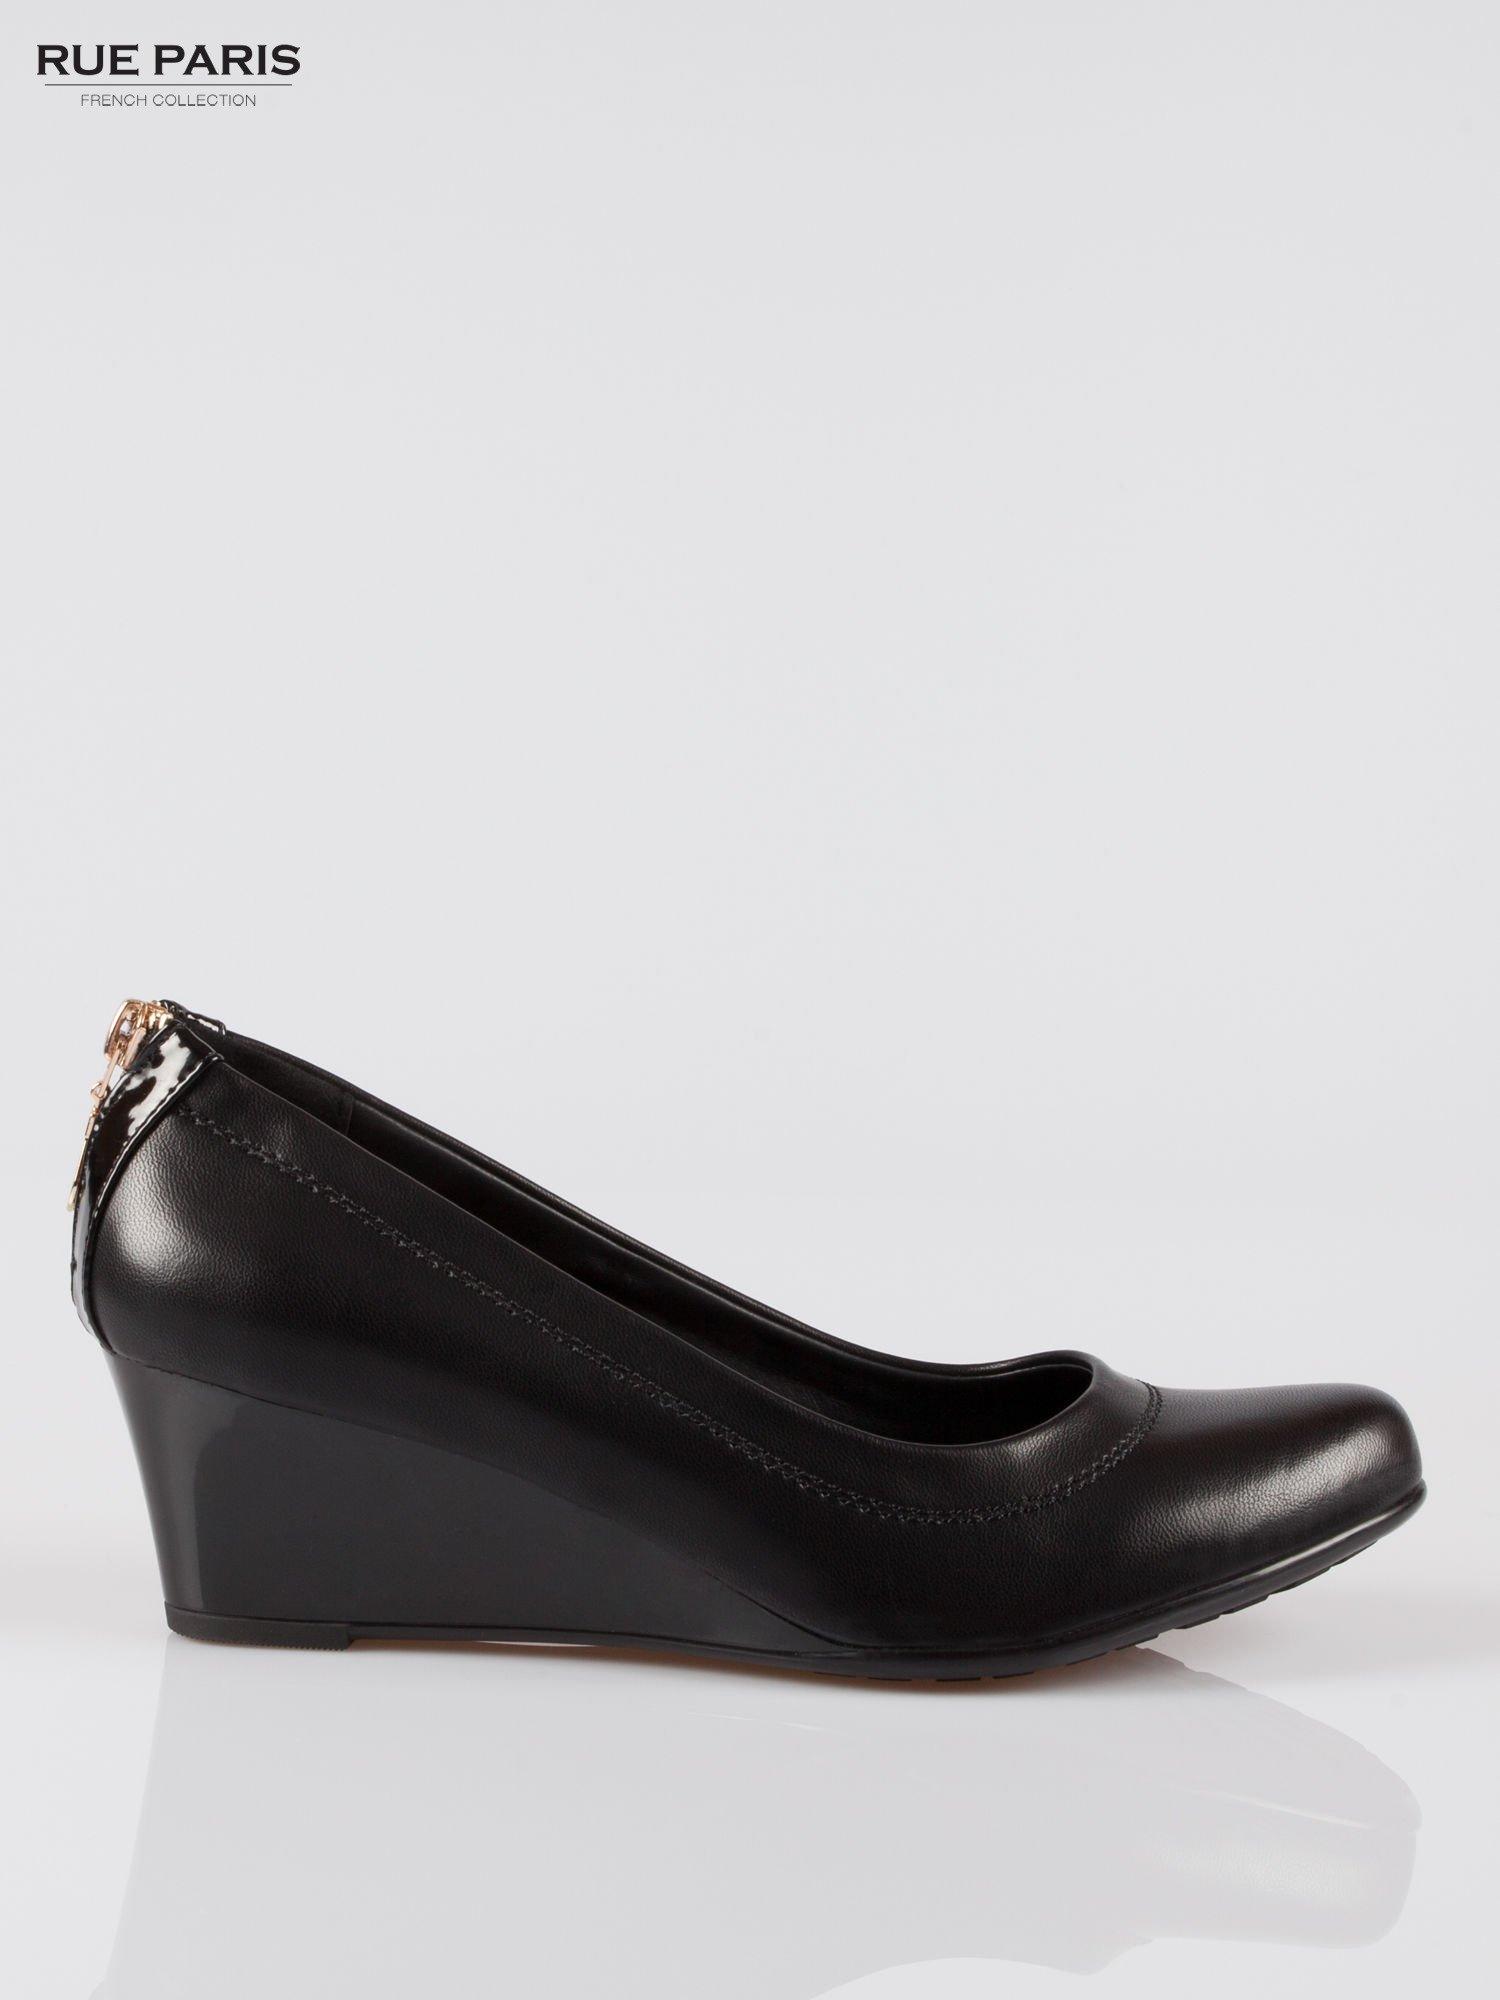 Czarne koturny faux leather Marisa ze złotym suwakiem z tyłu                                  zdj.                                  1